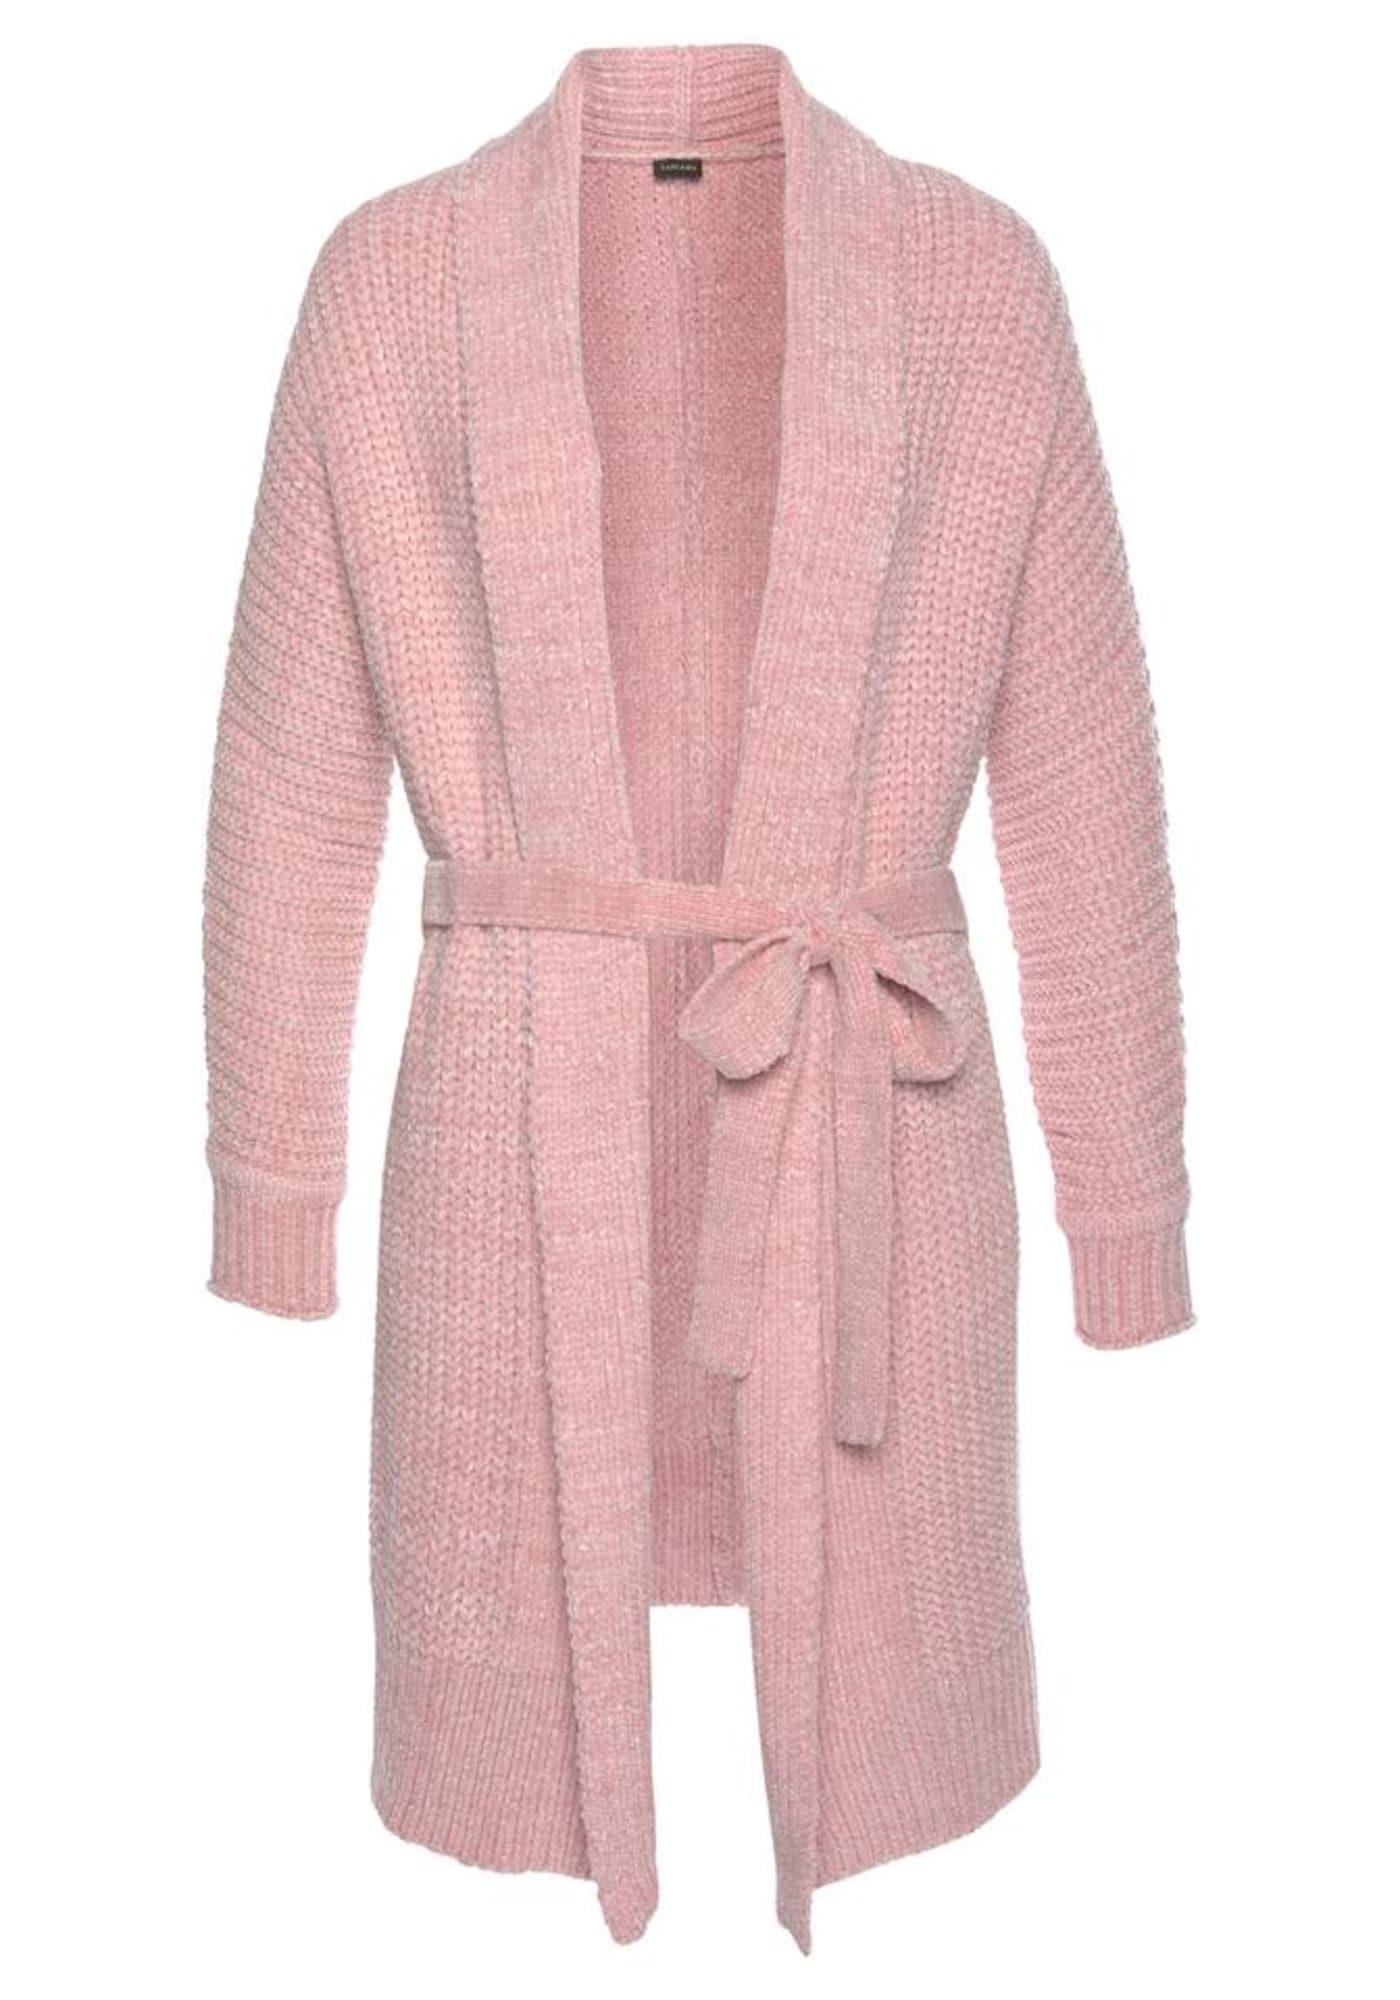 LASCANA Ilgas vonios chalatas ryškiai rožinė spalva